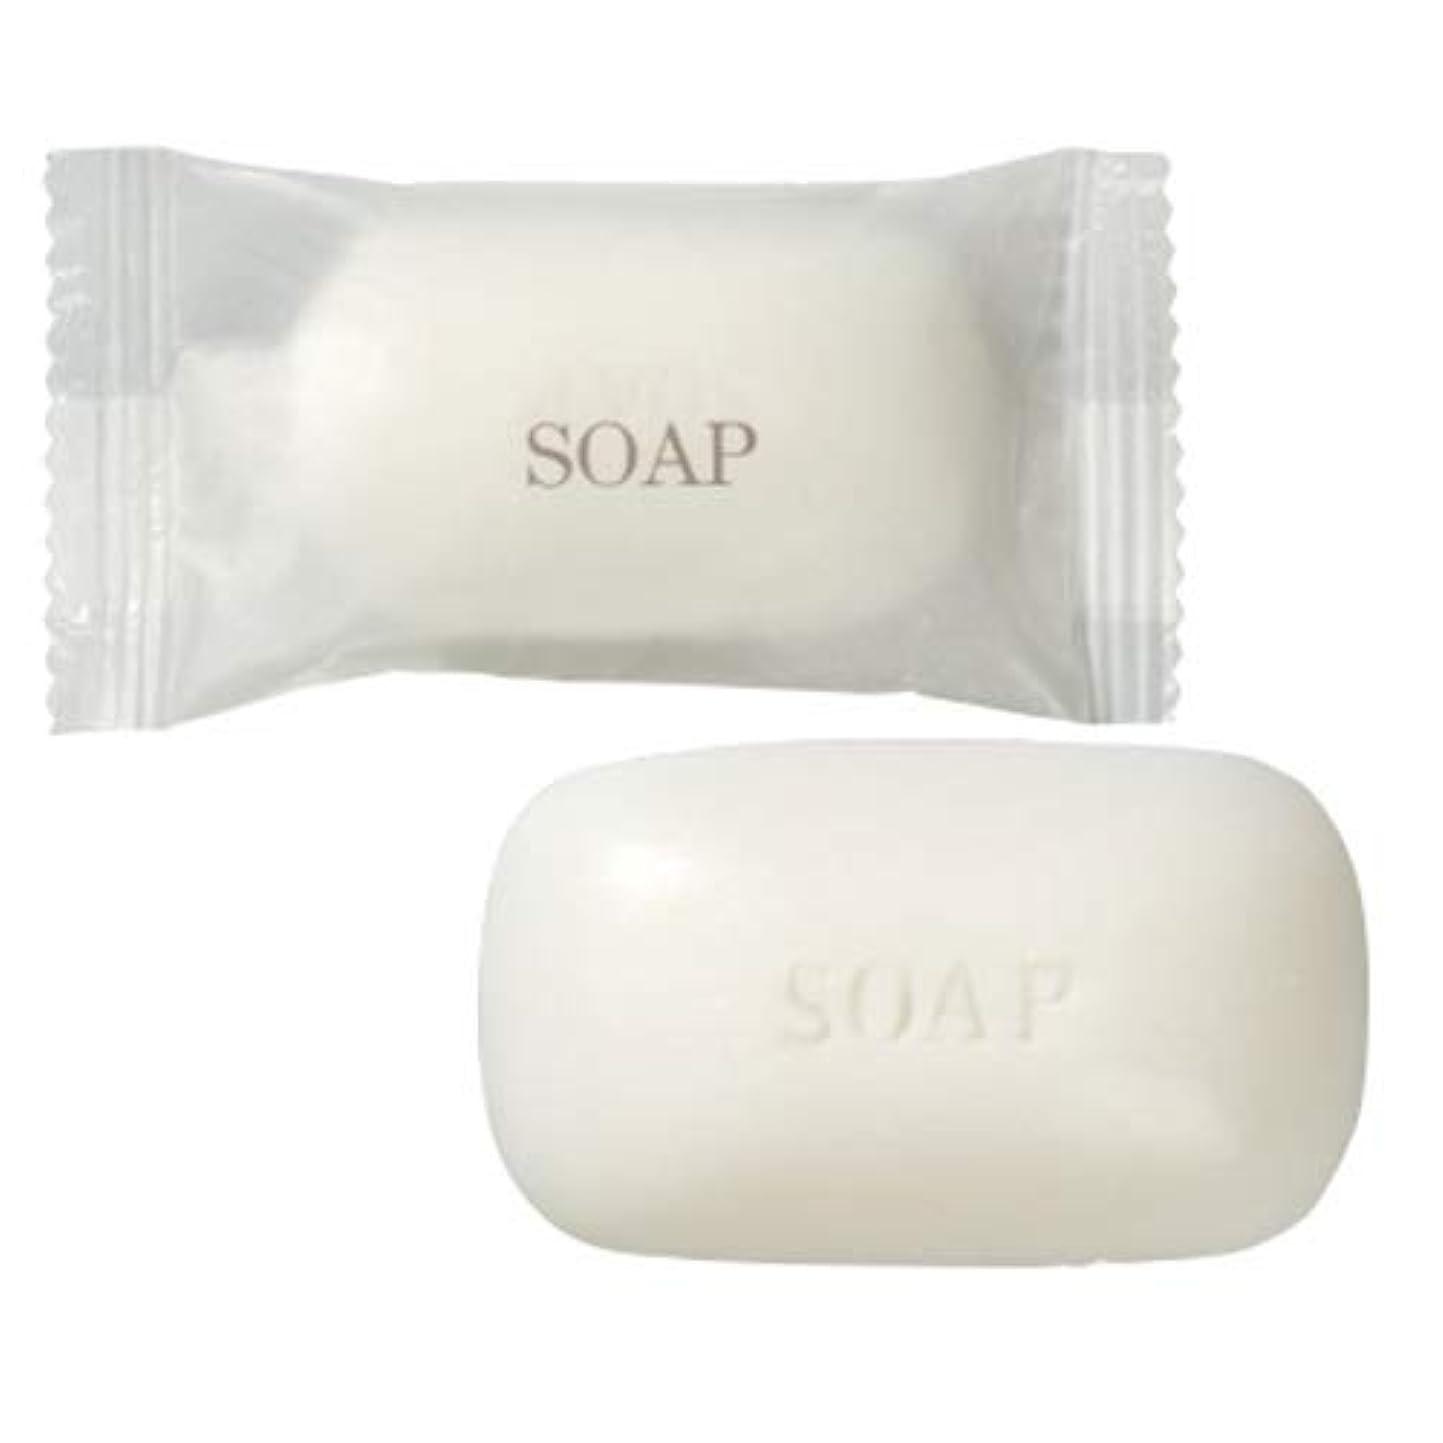 広告主なめる形成業務用 フィードソープ(FEED SOAP) マット袋(M袋) 15g ×100個 | ホテルアメニティ 個包装